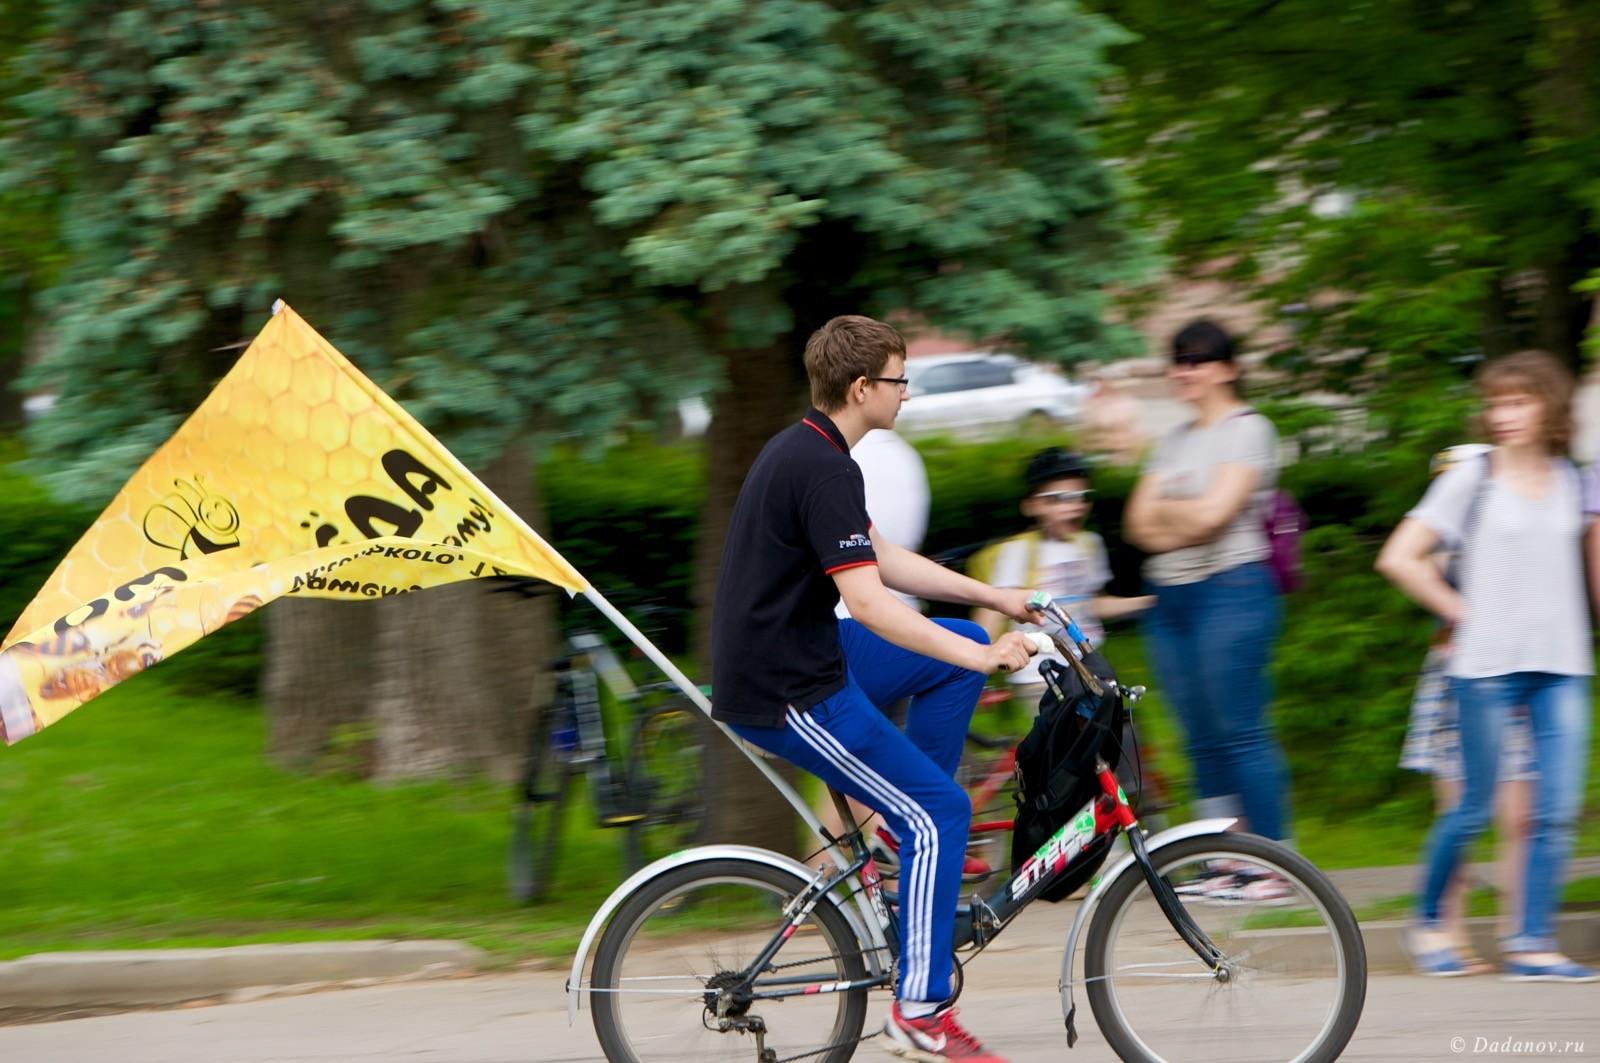 Велодень 2016 в Липецке состоялся. Фотографии с мероприятия 2983